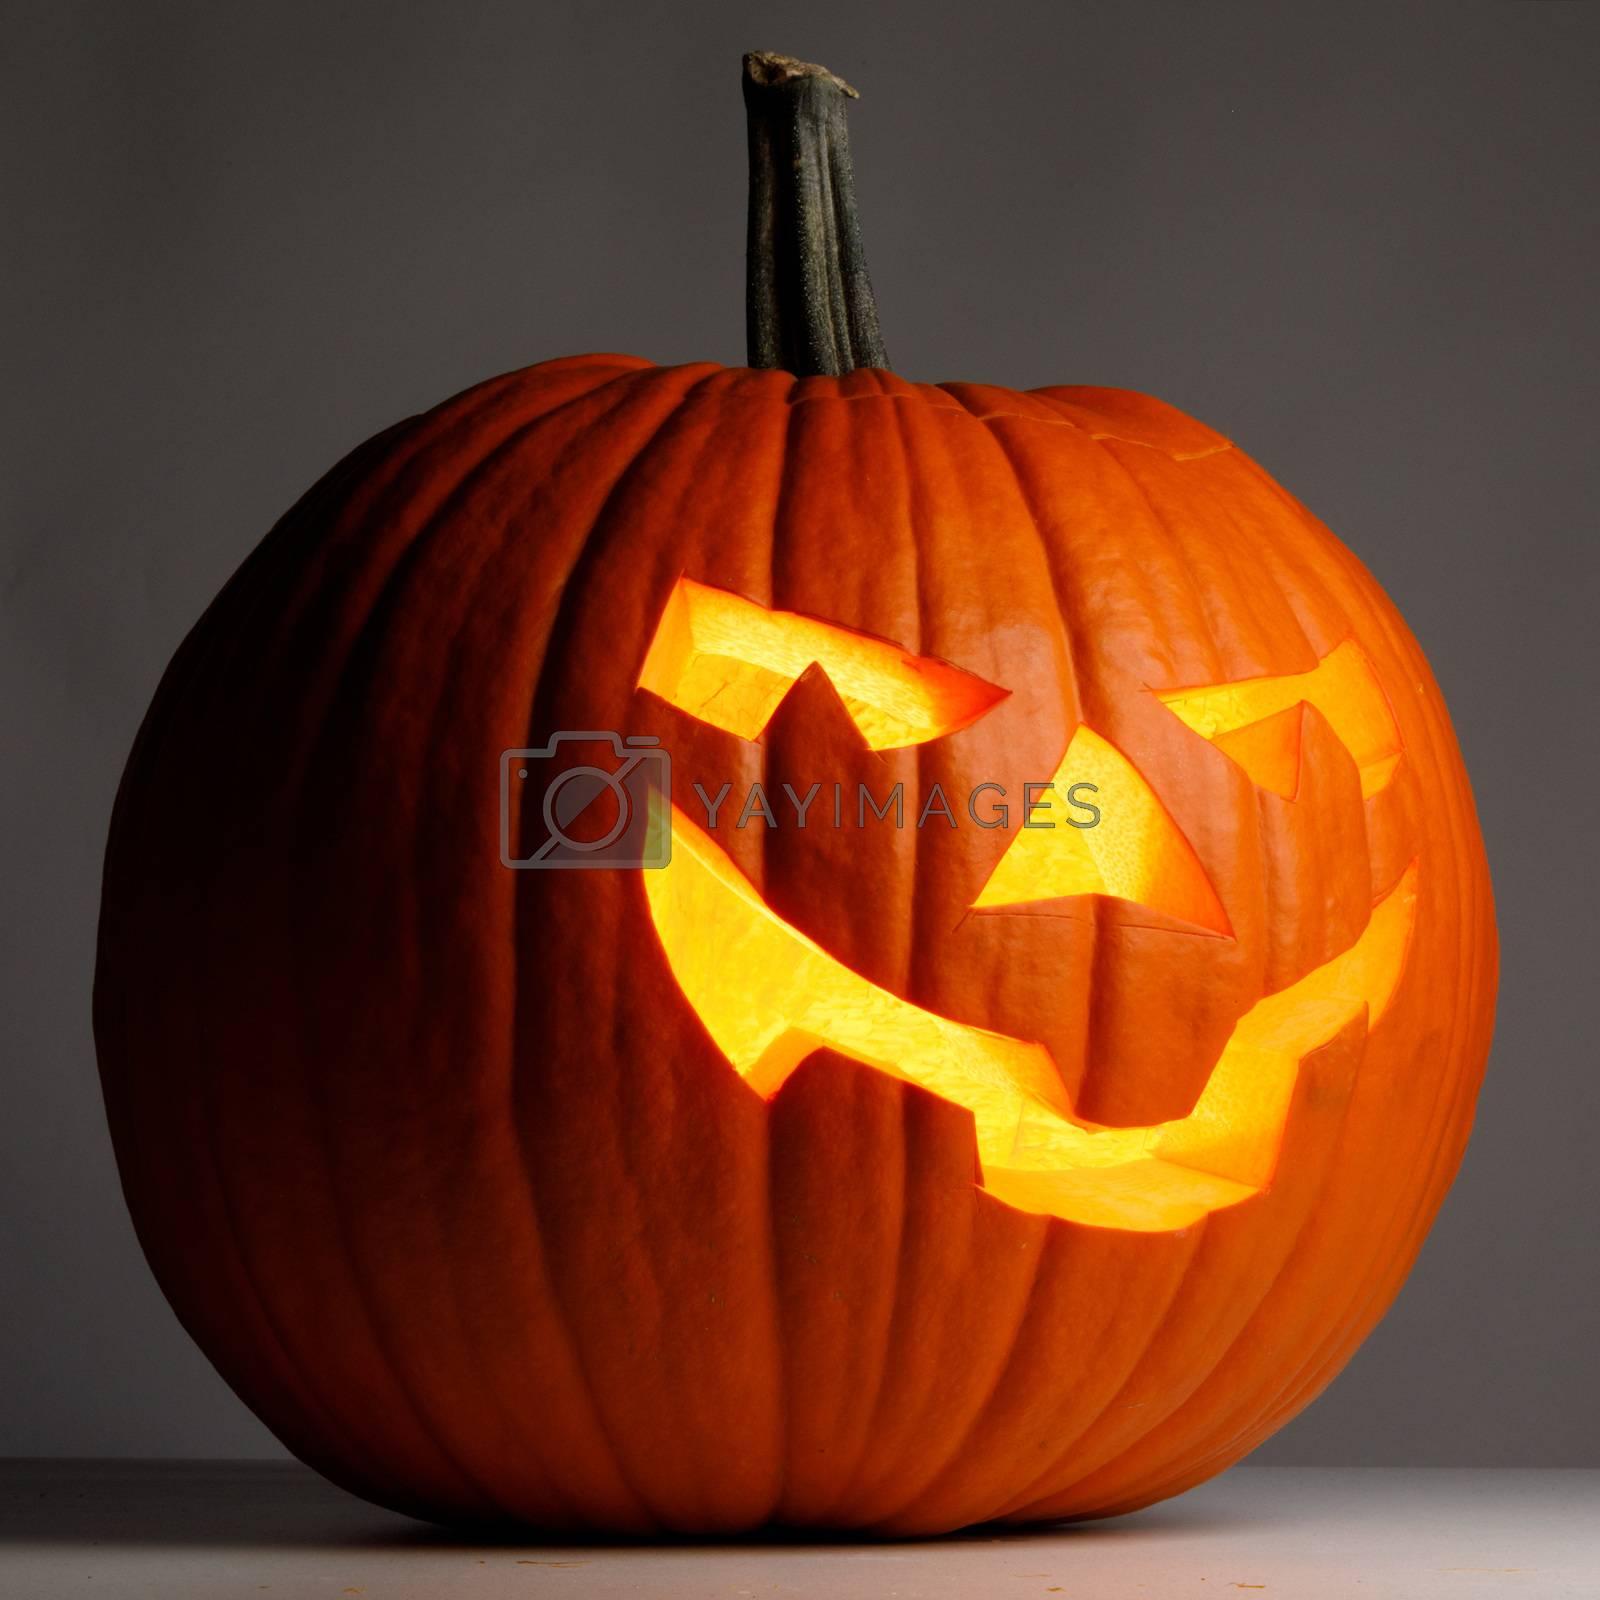 Glowing Halloween Pumpkin on dark background close up